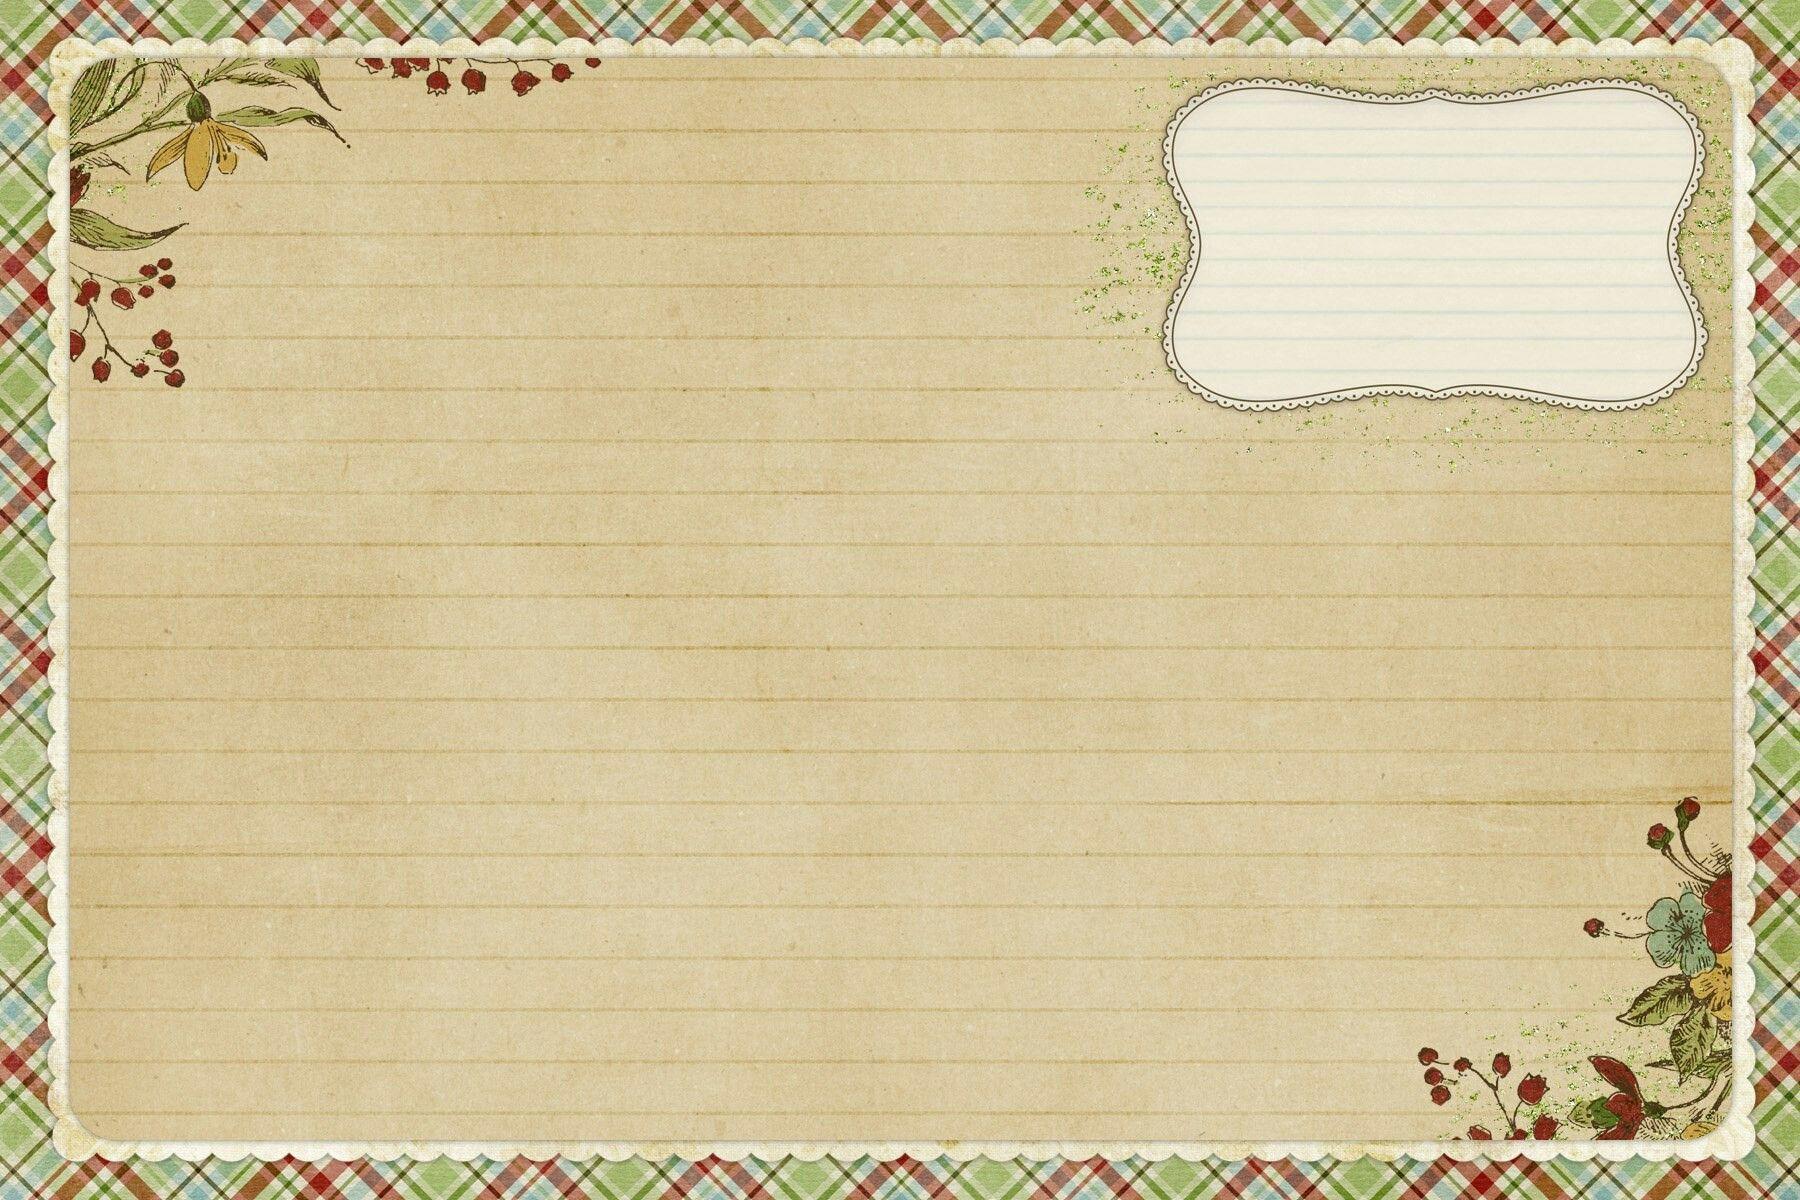 Открытка на листе альбомном листе, картинки для